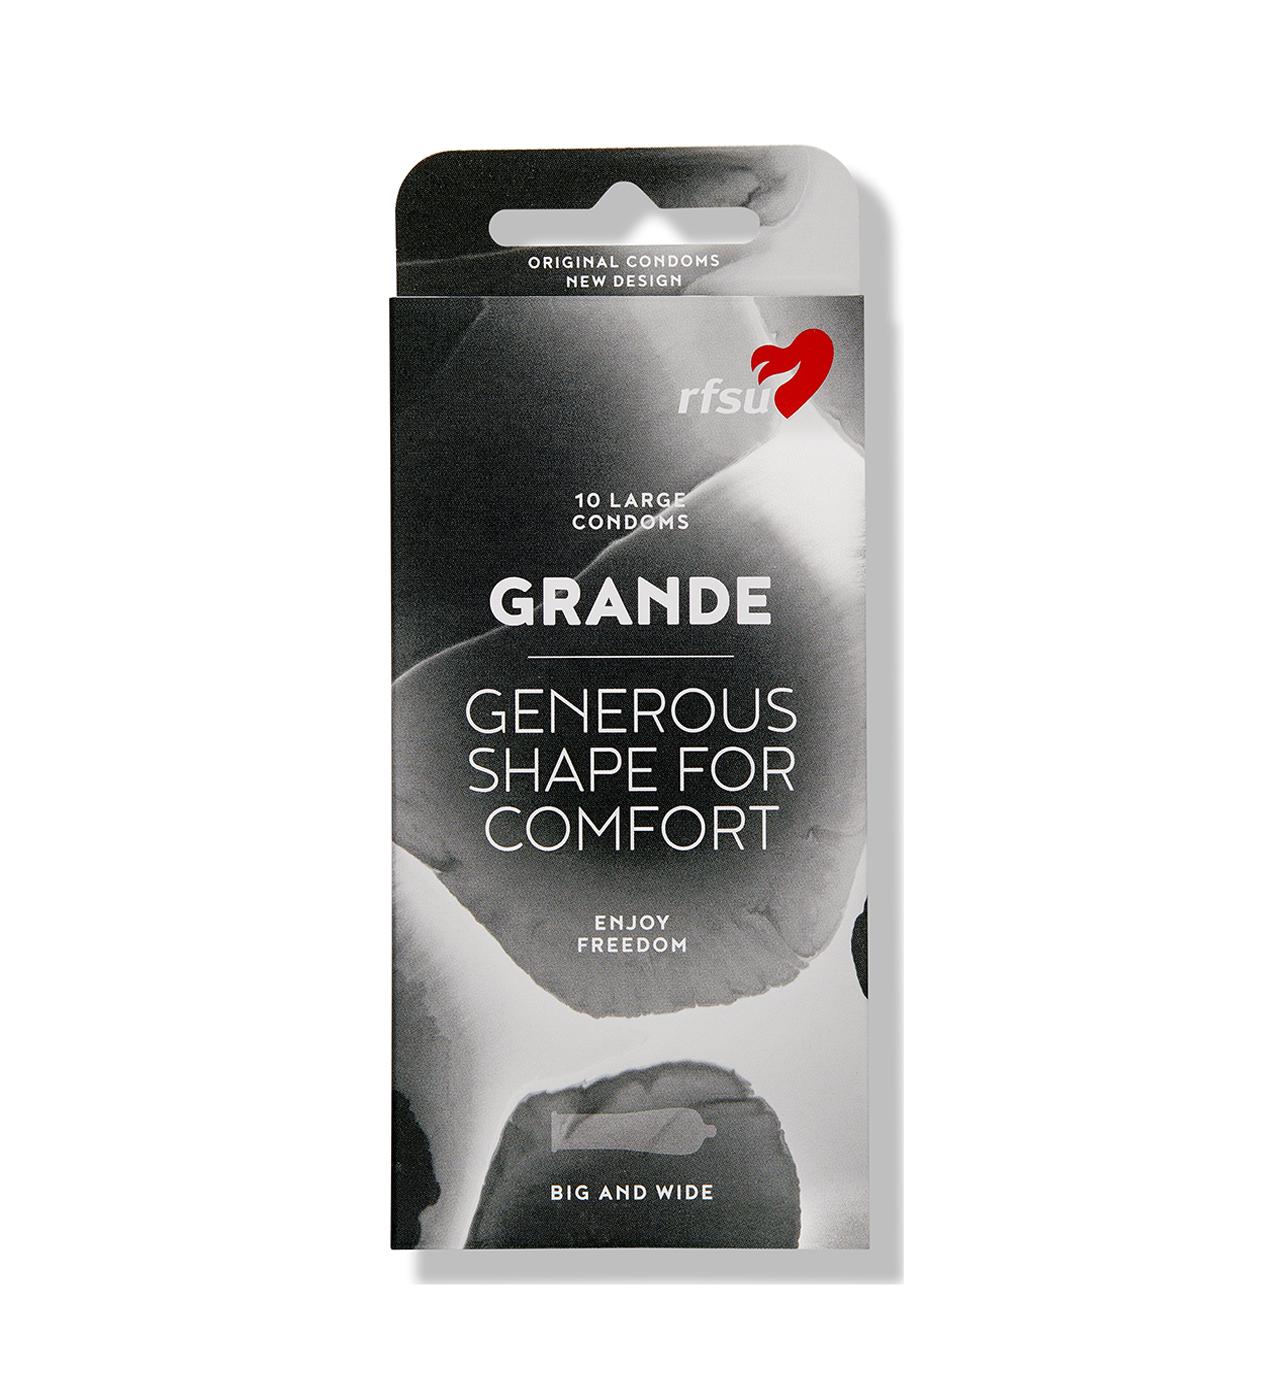 rfsu grande kondomer 10 pack